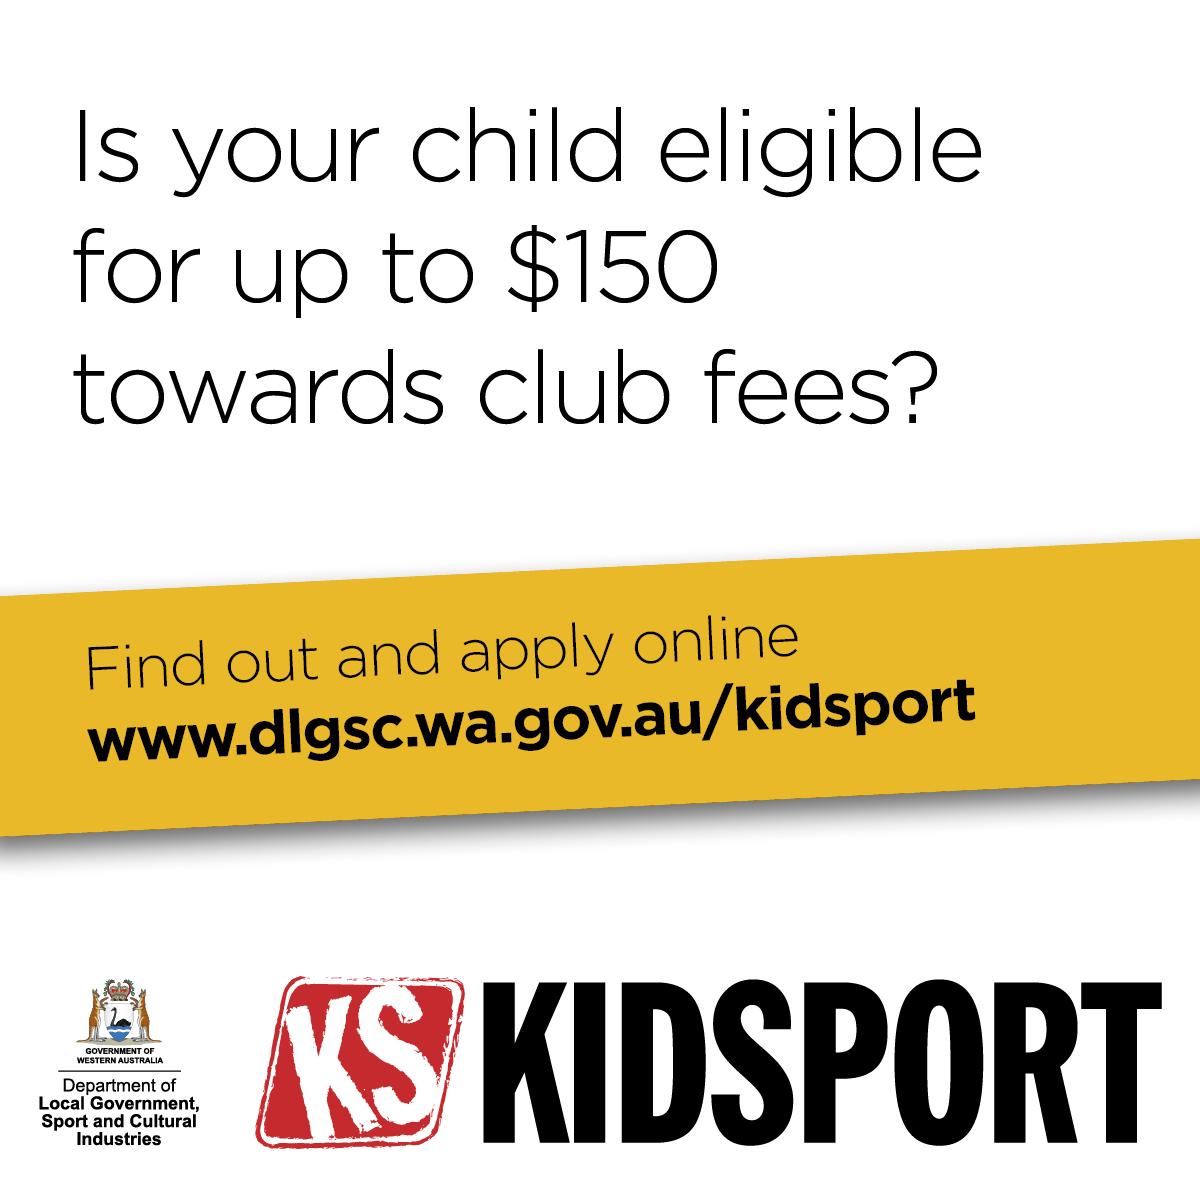 Apply for KidSport